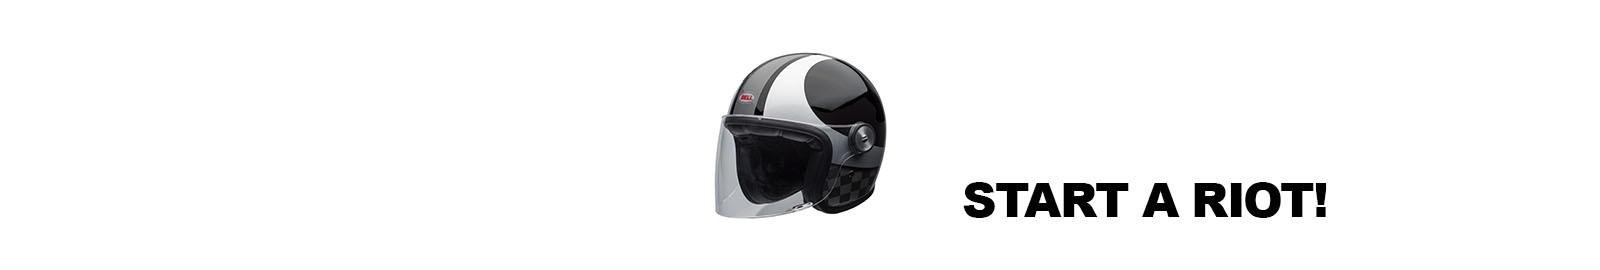 Bell Riot Helmets